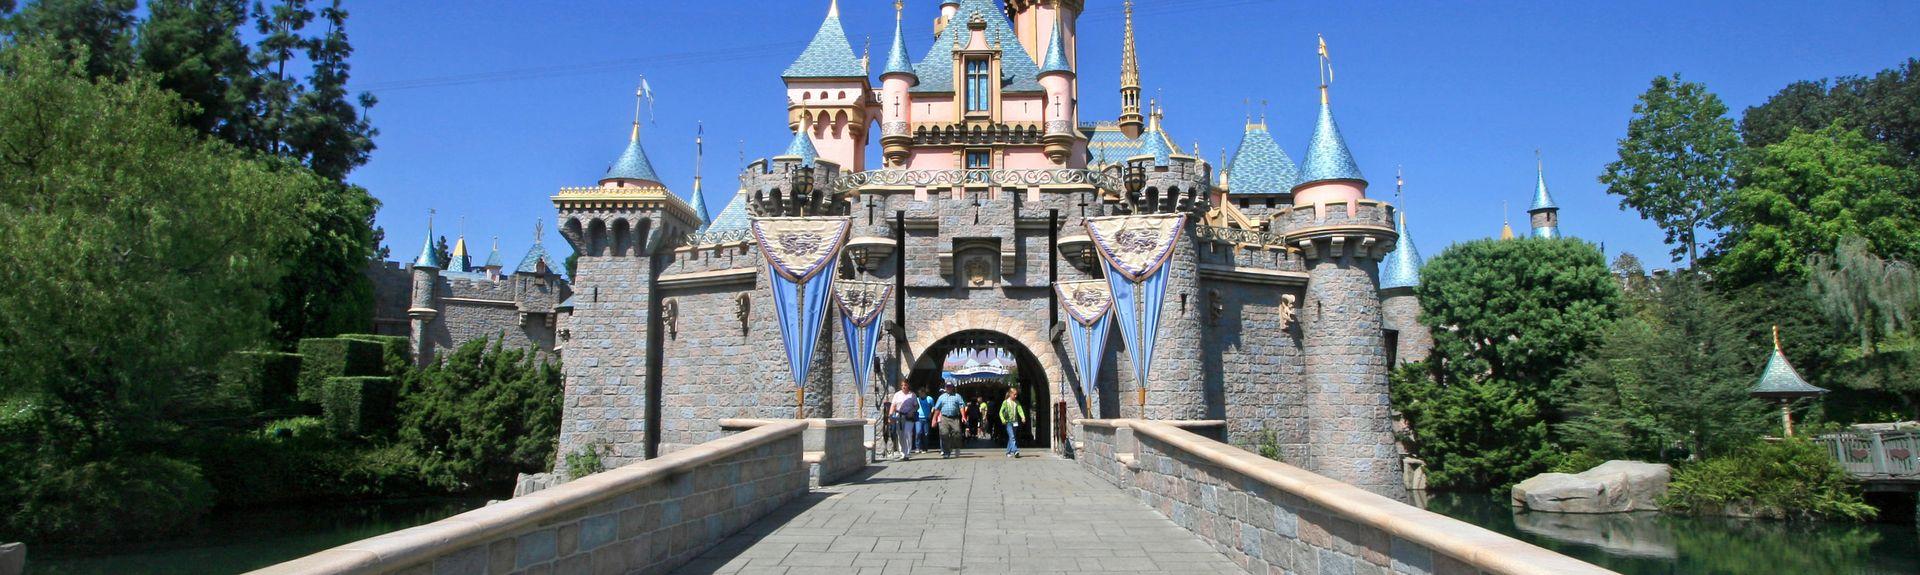 Disneyland® (Disneilândia), Anaheim, Califórnia, Estados Unidos